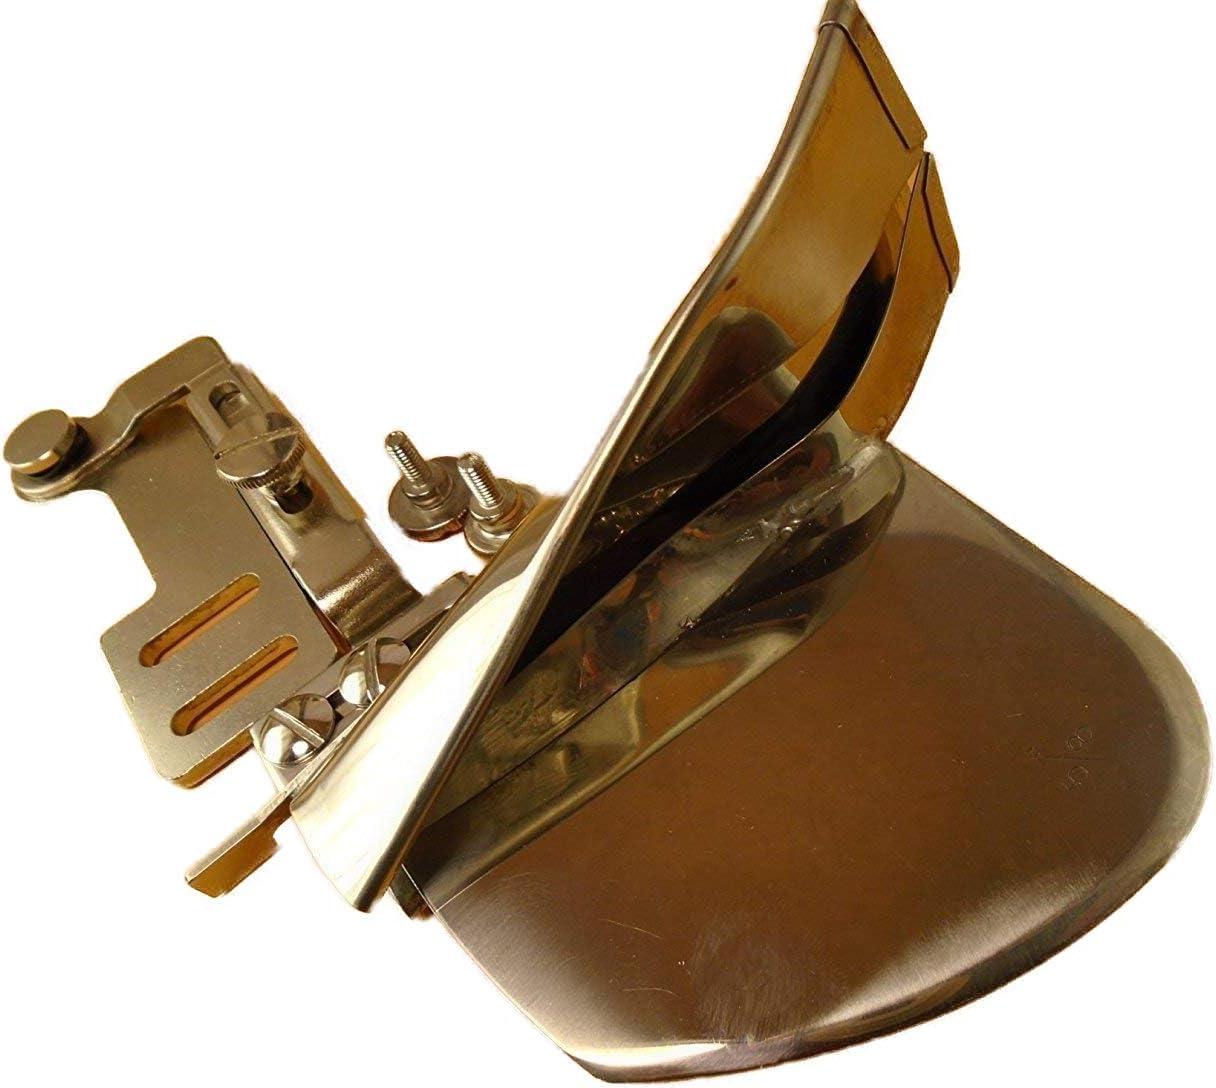 NGOSEW Sewing Machine Raw Plain Two Fold Swing Away Adjustable Tape Bias Binder 1-1//4